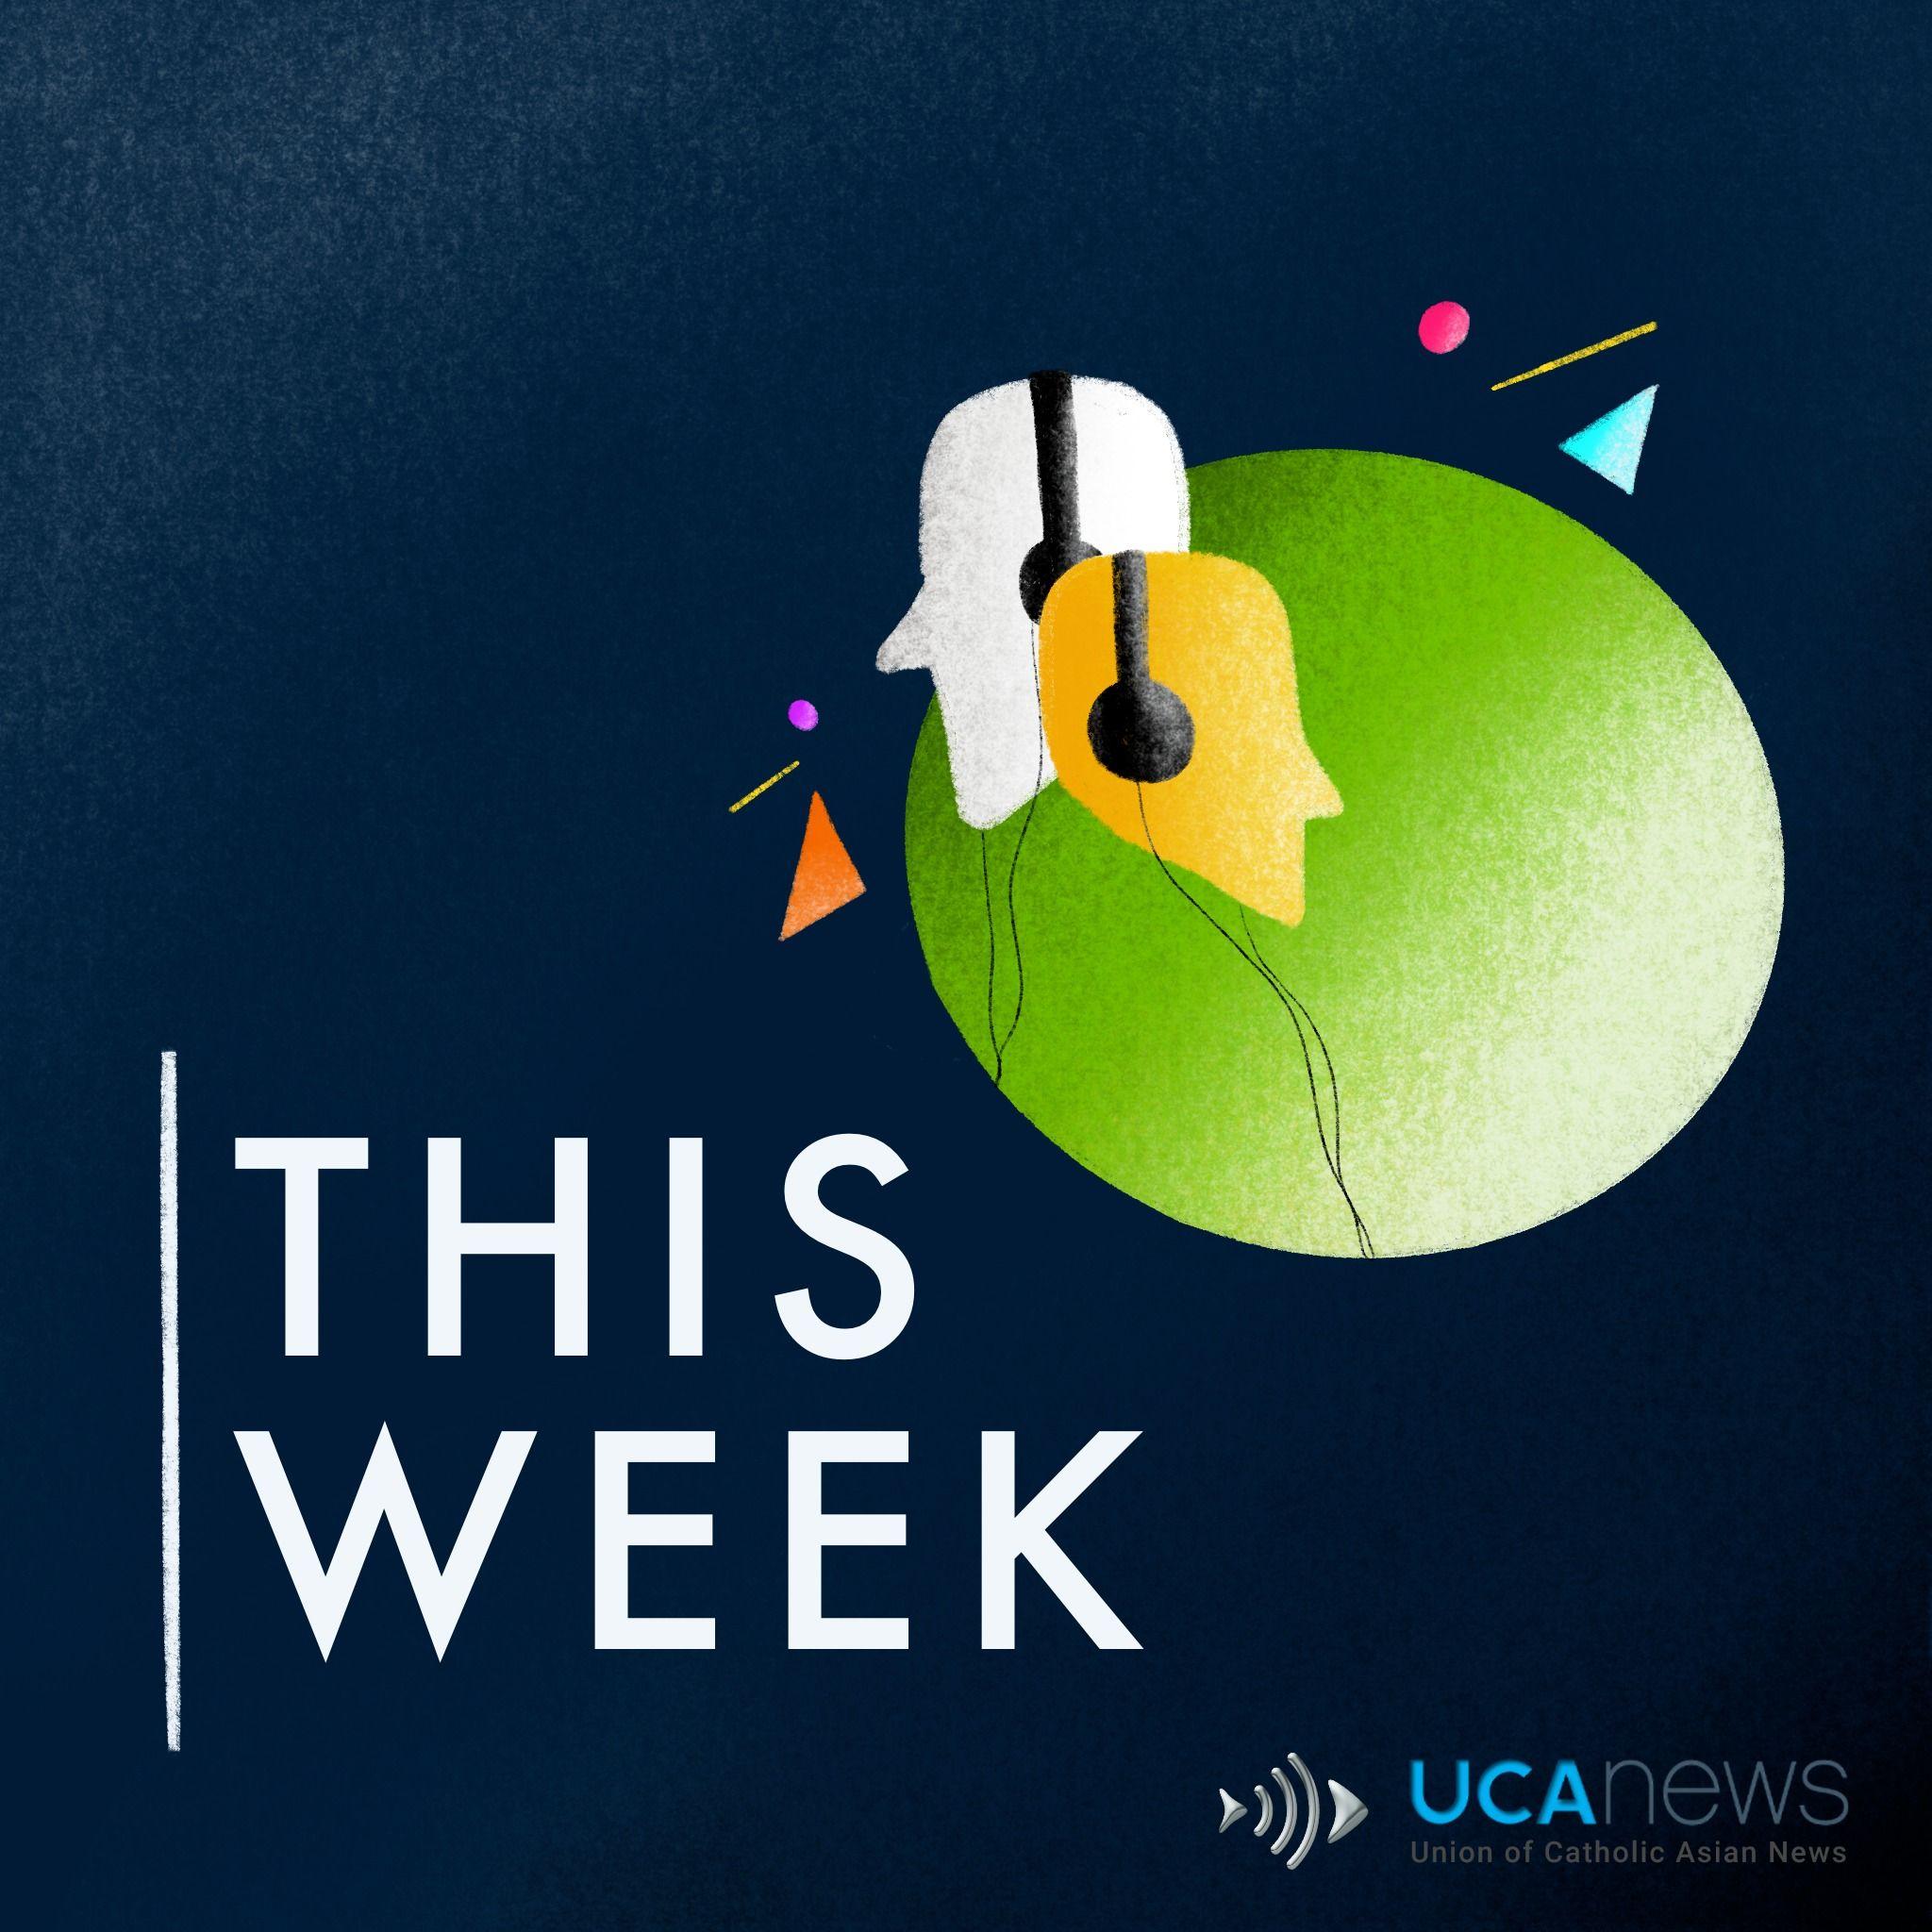 UCA News Weekly Summary, July 16, 2021